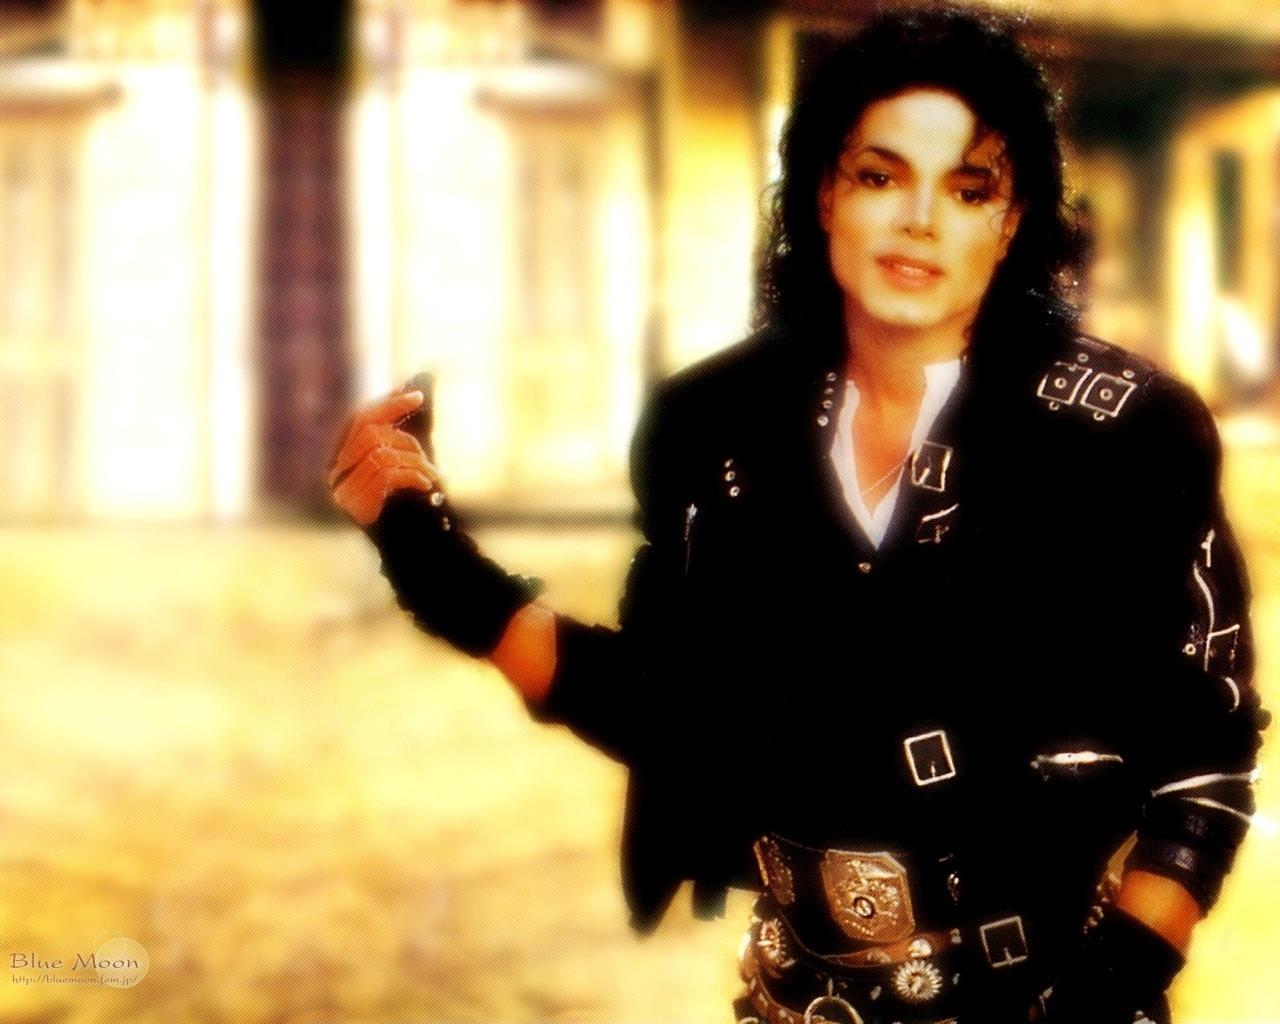 He's unbreakable....<3